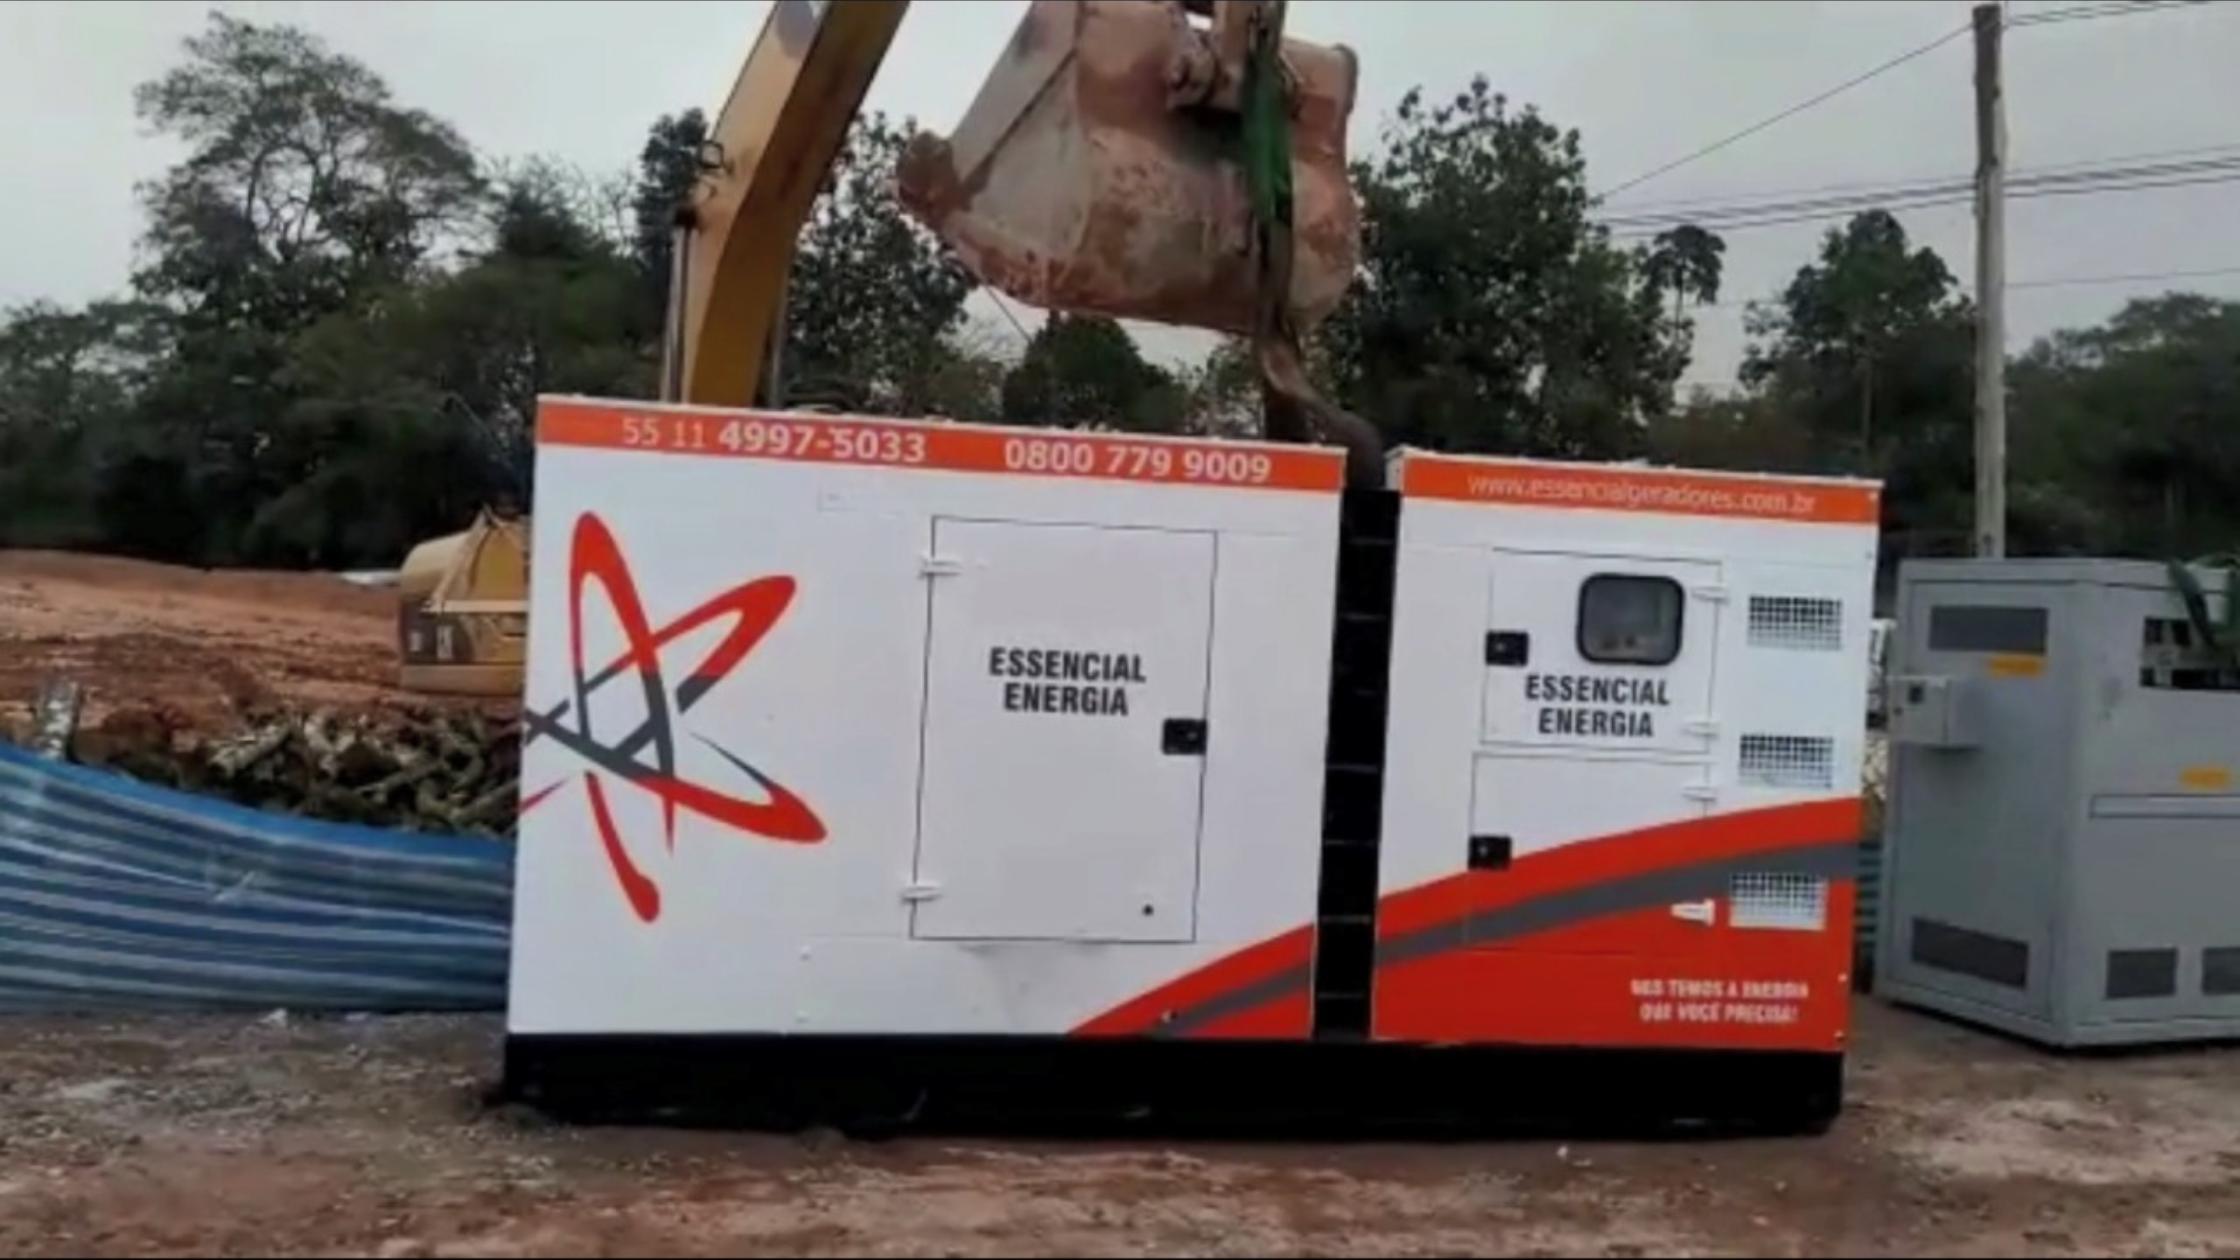 Movimentação de Gerador de Energia em condição adversa